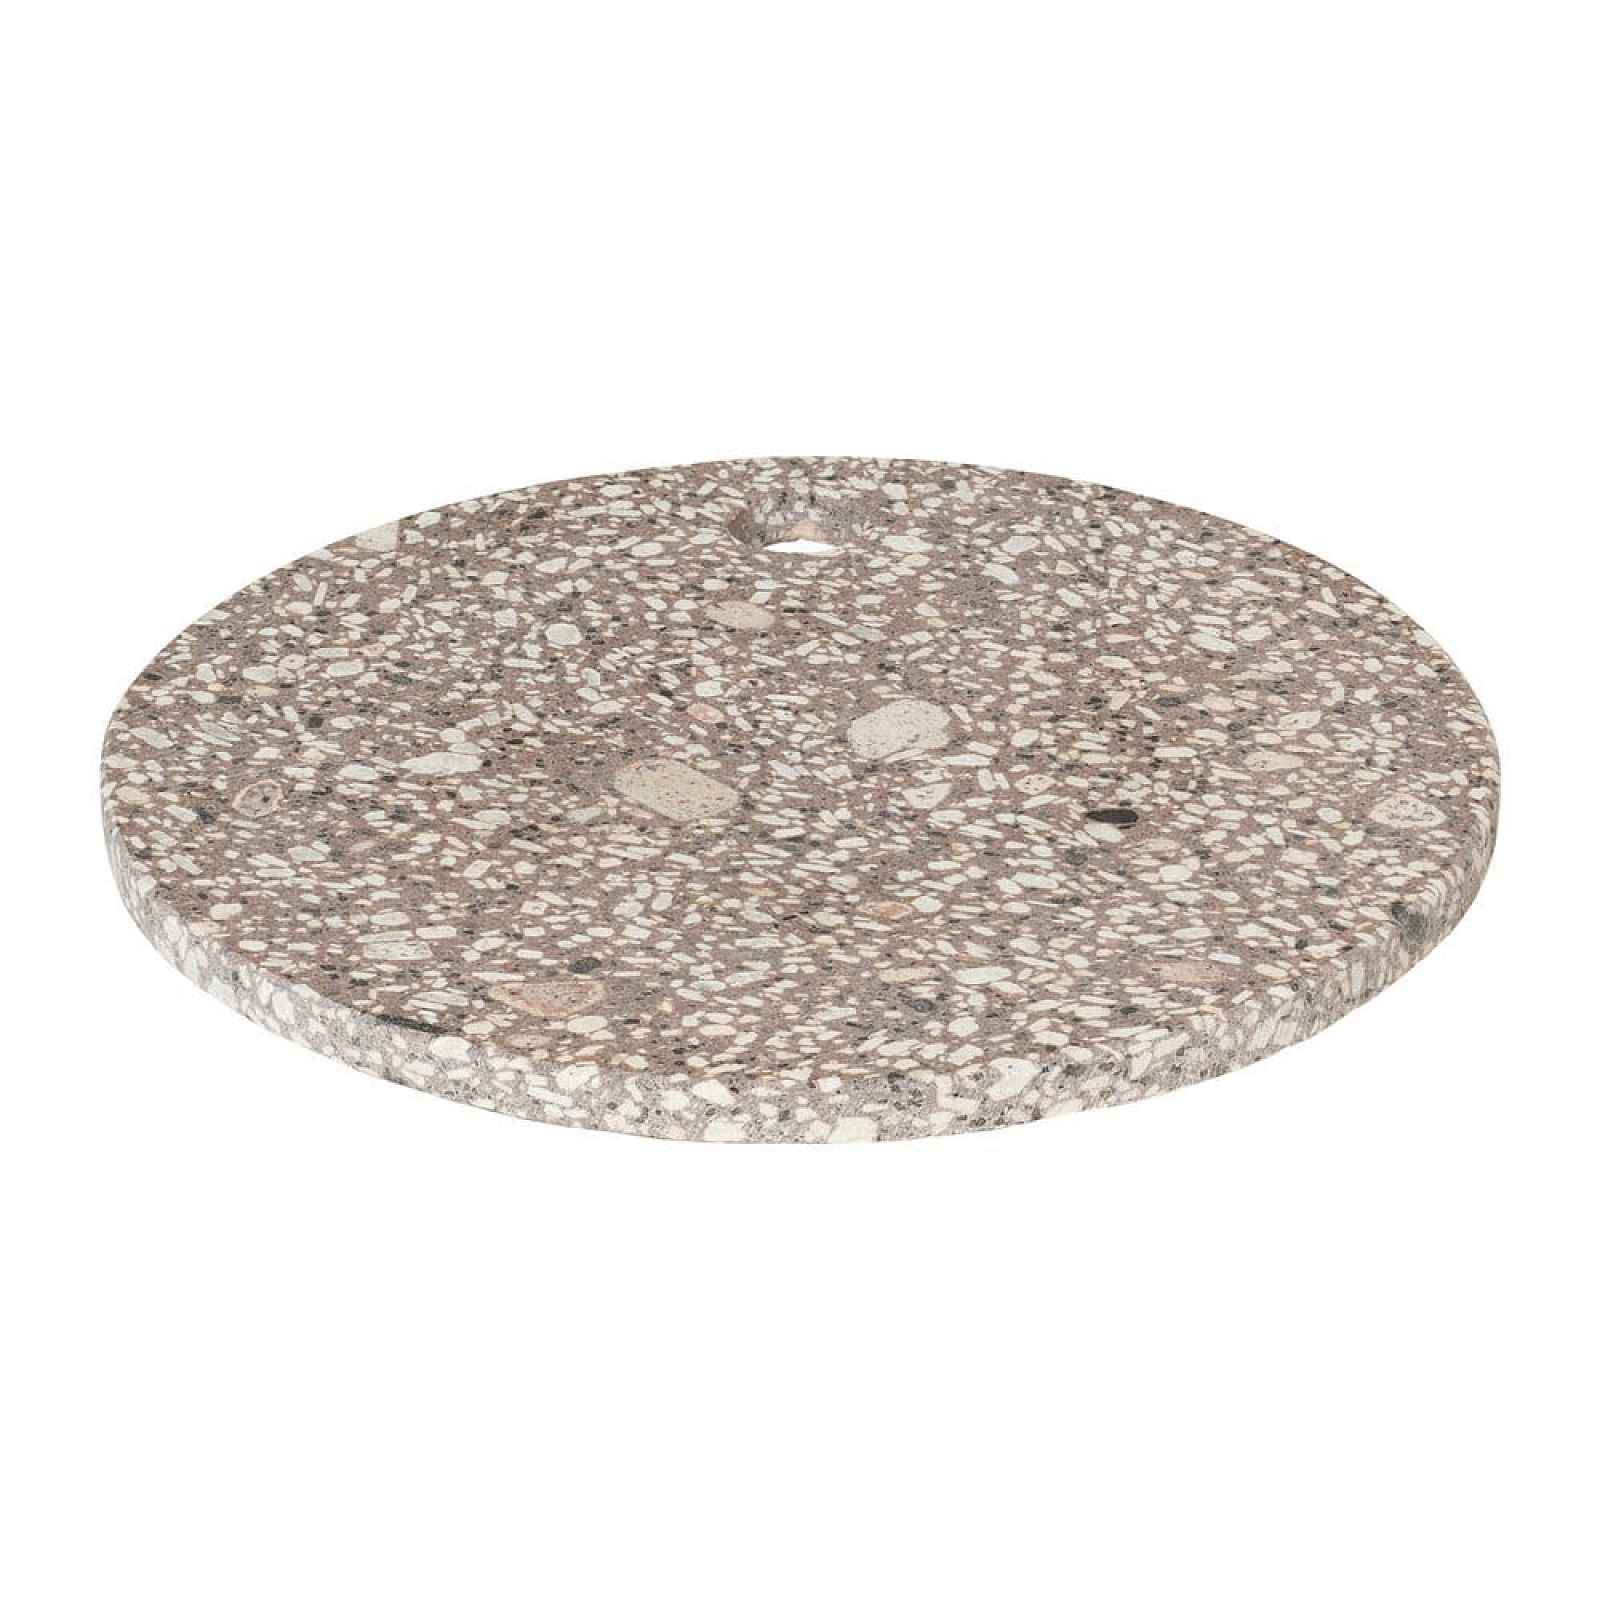 Béžové servírovací prkénko Blomus Stone,ø20cm